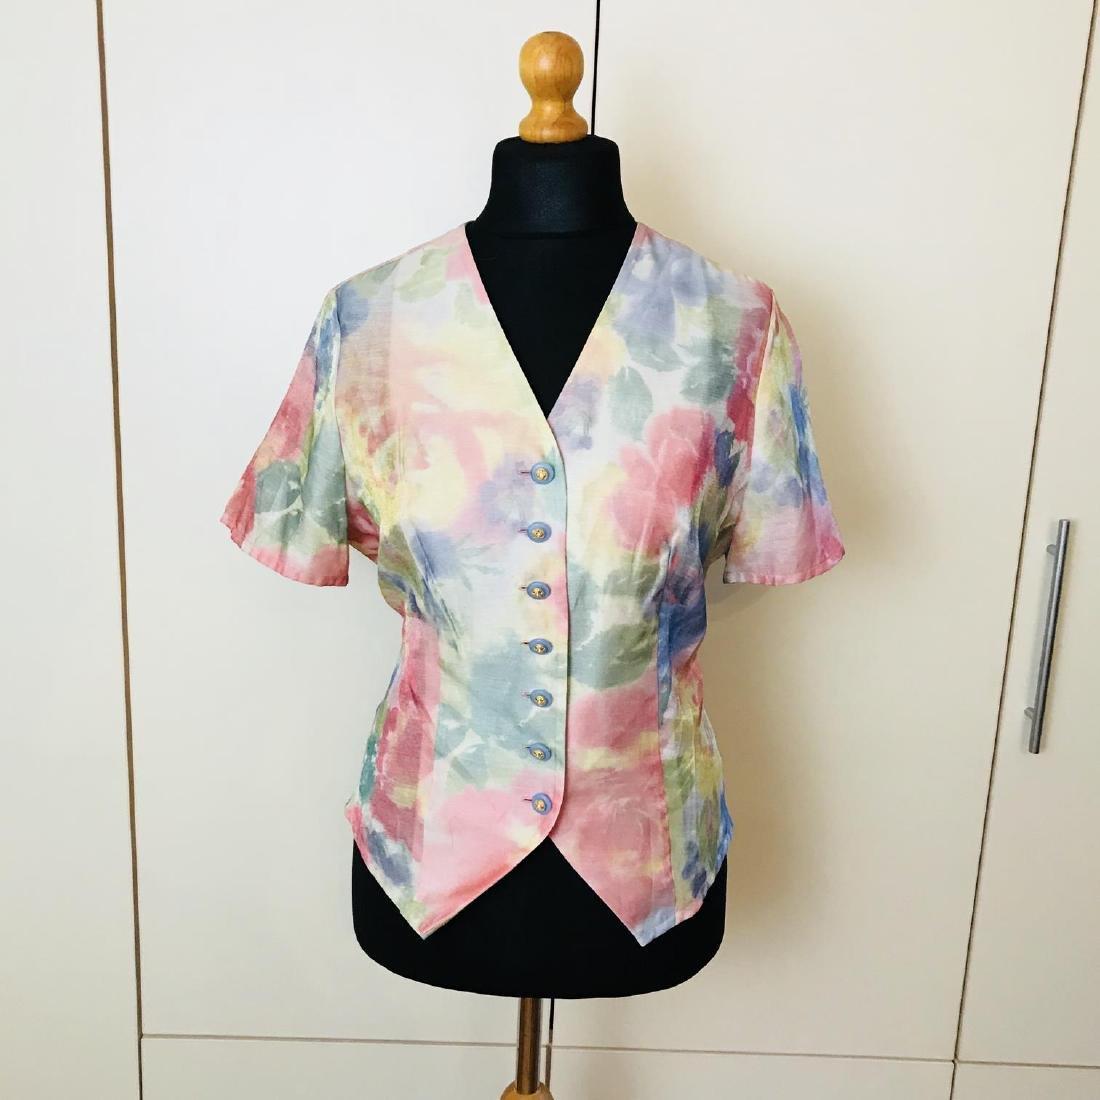 Vintage Women's FINK Blouse Shirt Top Size EUR 40 US 10 - 2